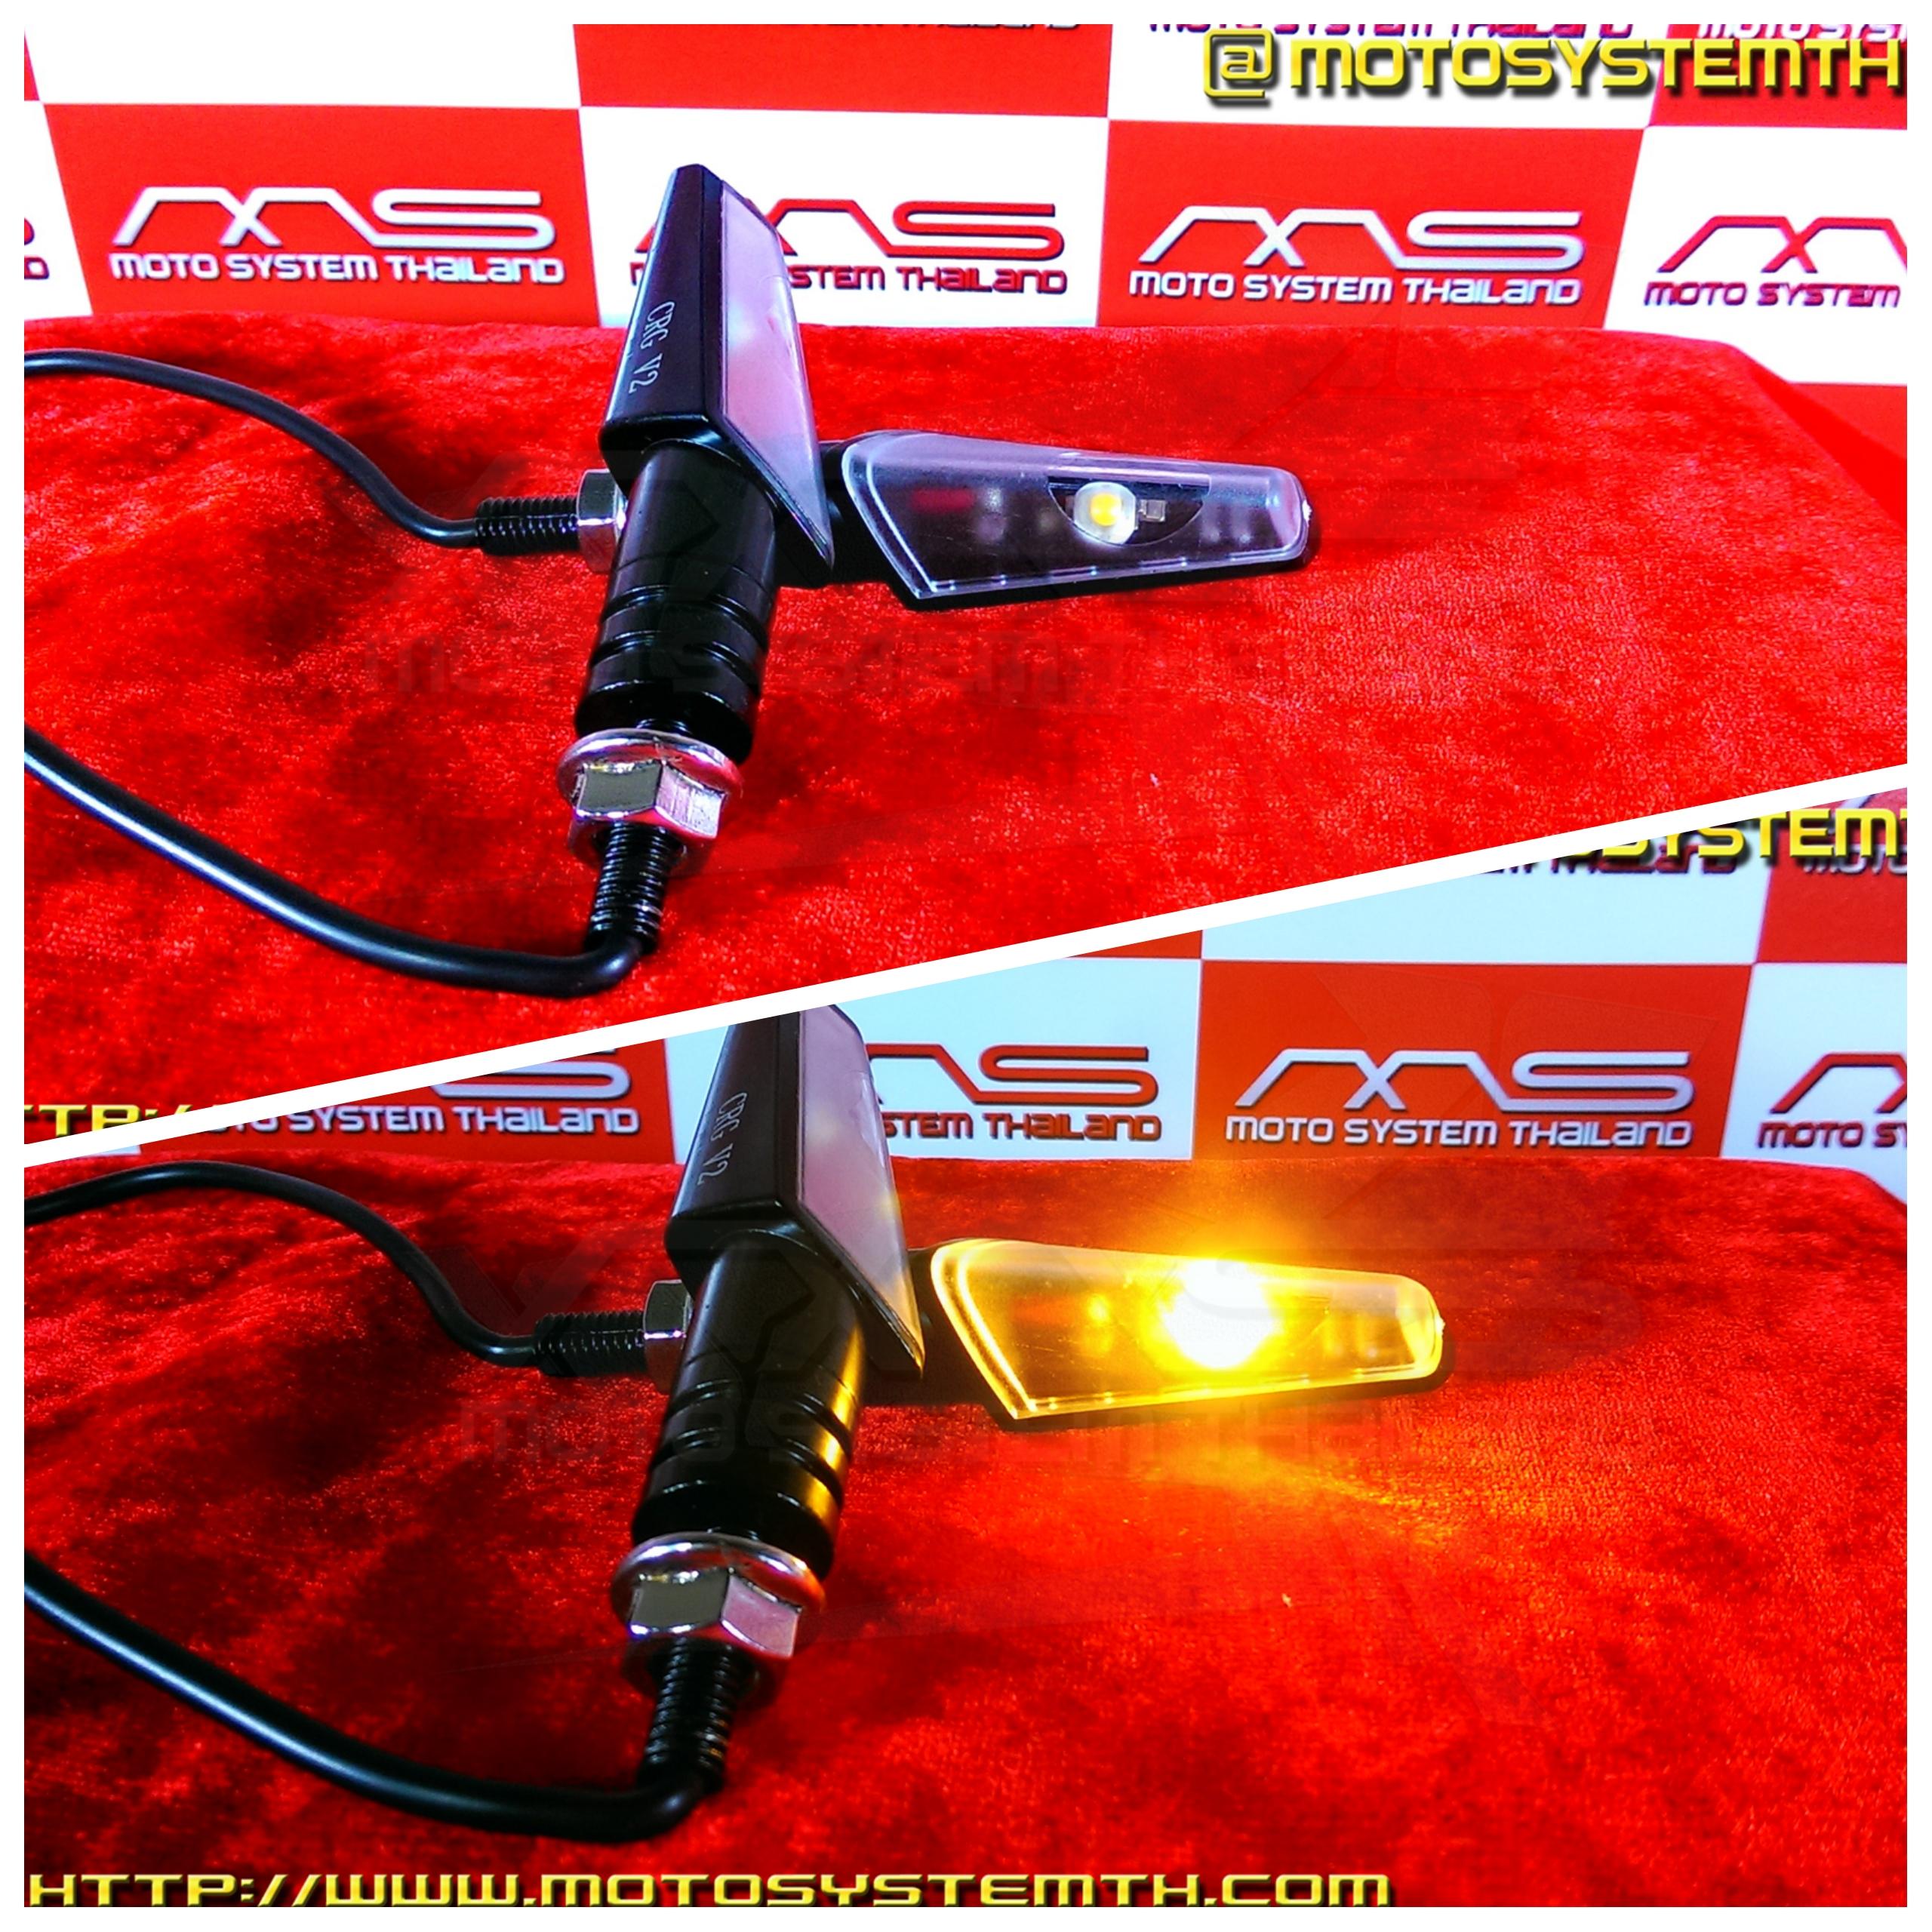 ไฟเลี้ยว LED ทรงอาร์2 เลนส์ใส